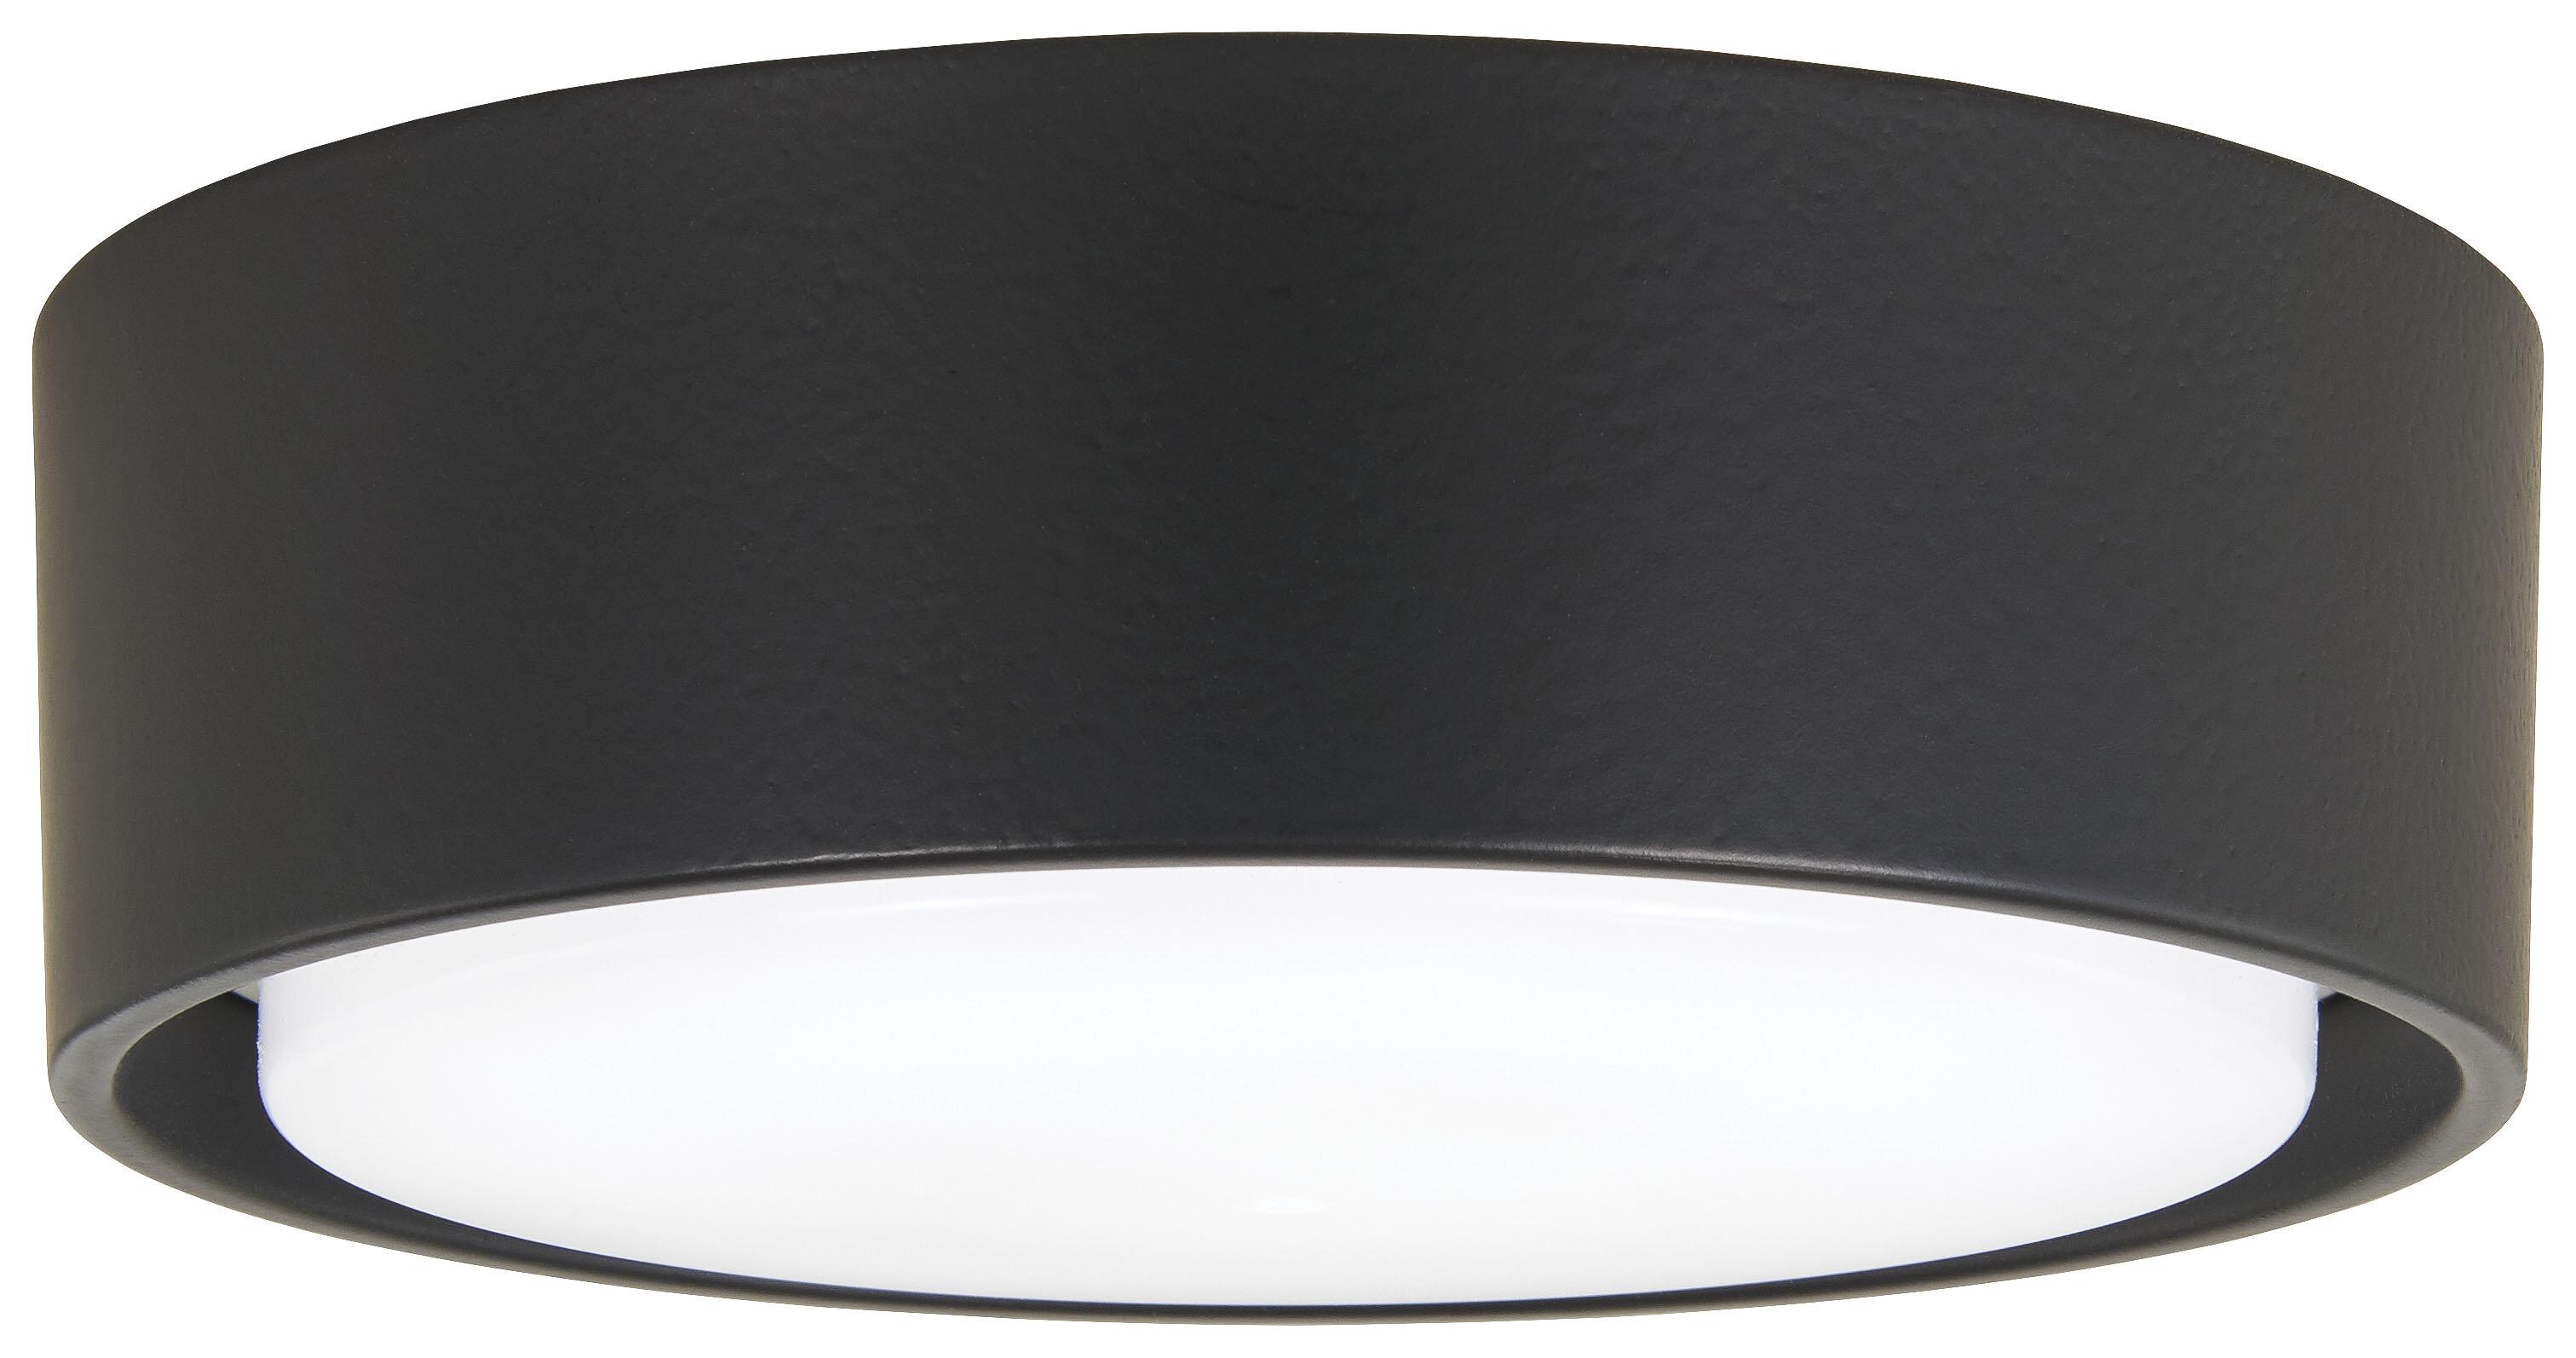 Minka Aire Simple 1 Light Universal Led Ceiling Fan Light Fitter Bowl Light Kit Reviews Wayfair